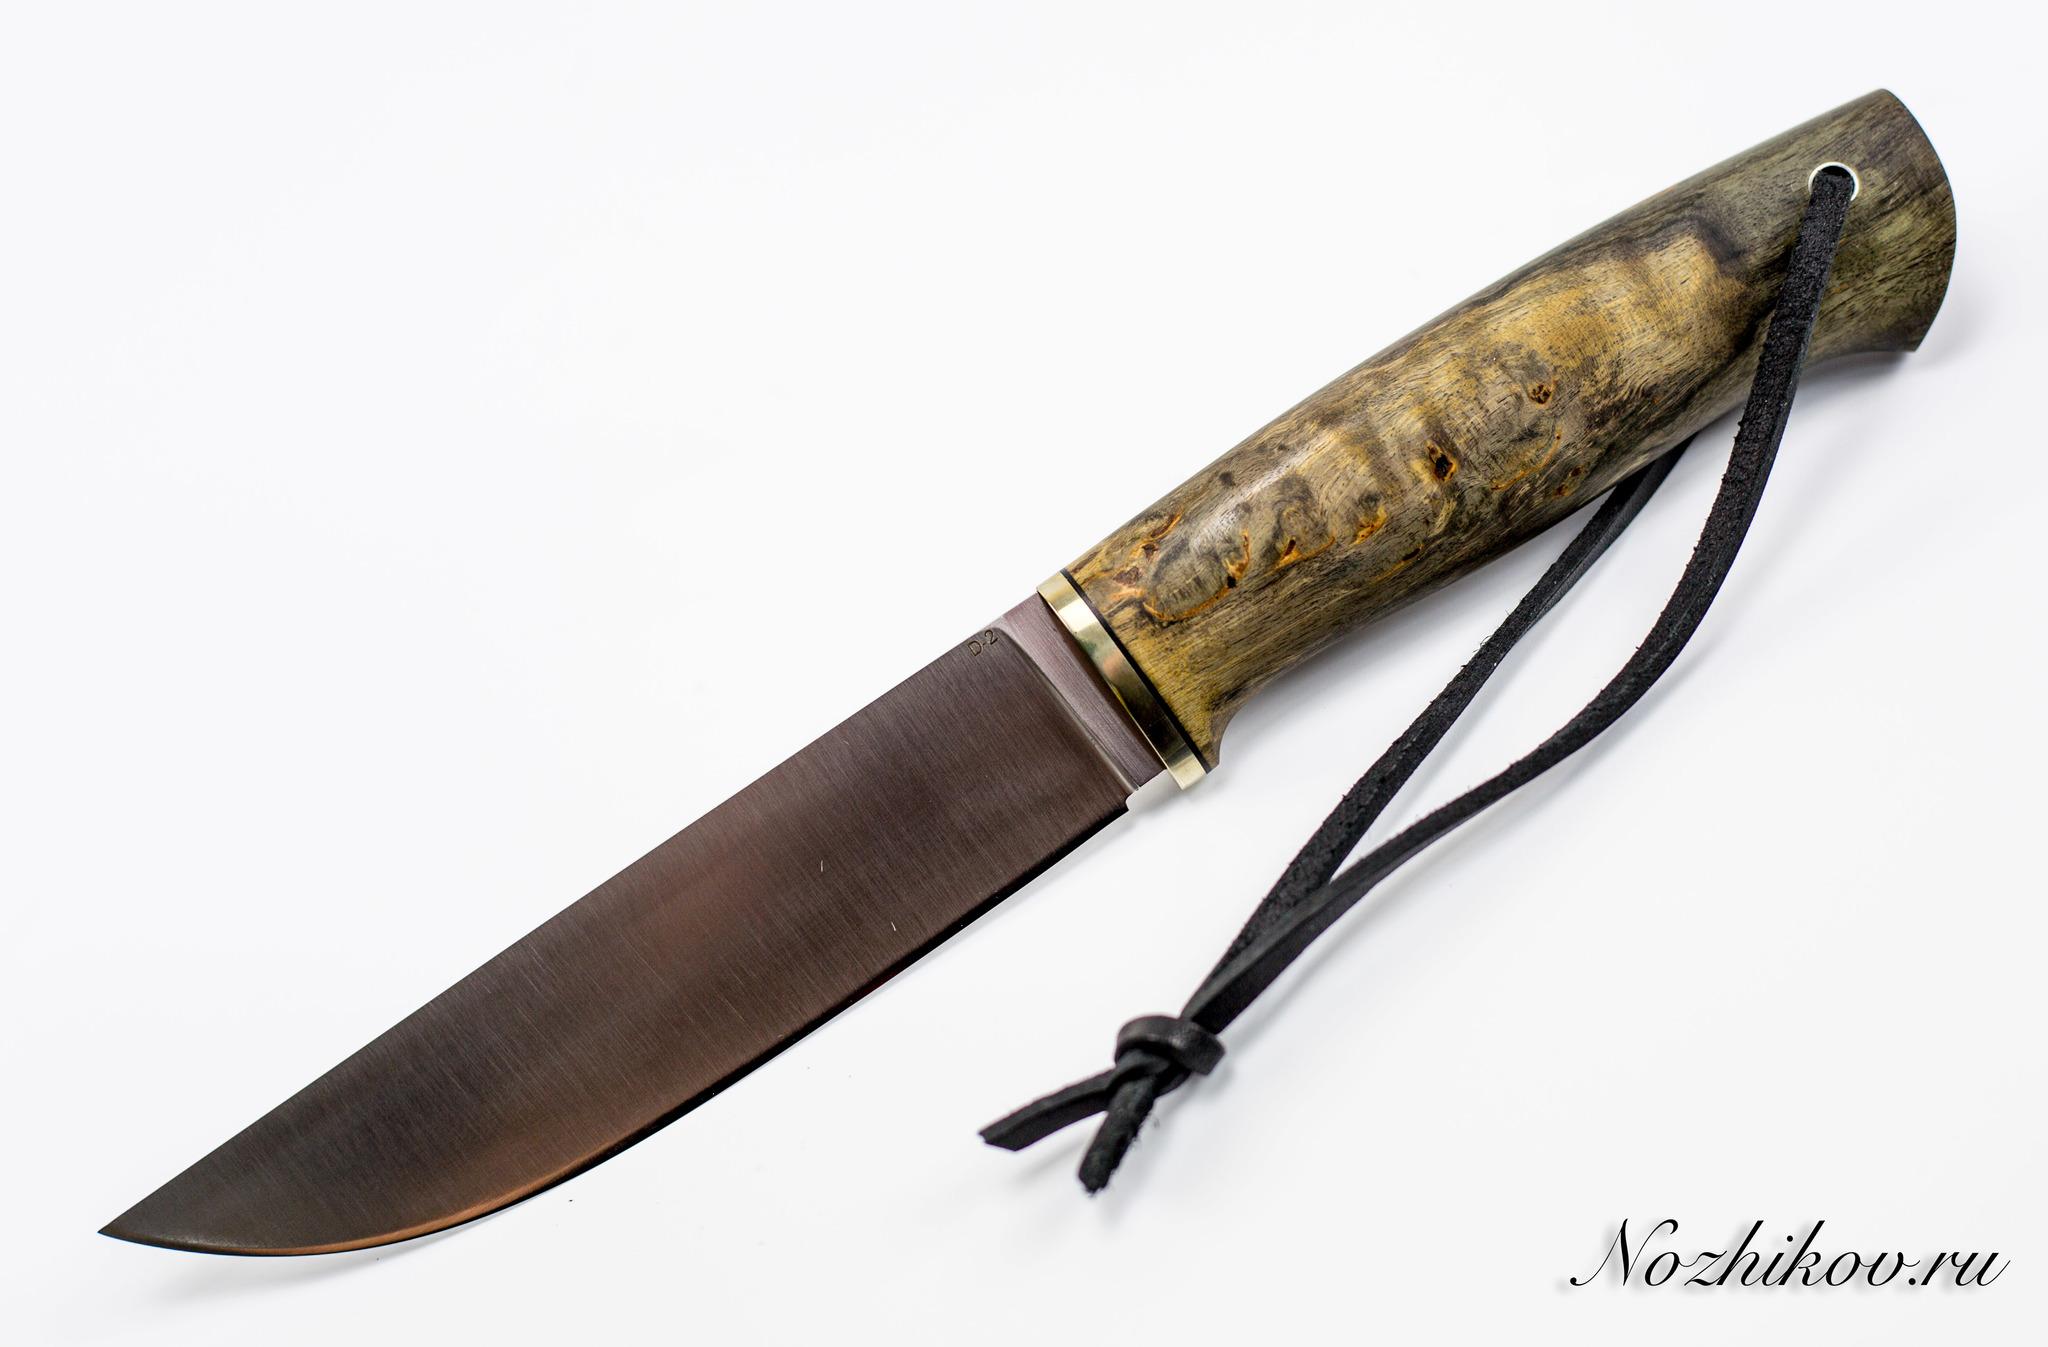 Нож Лиман-1, сталь D2, карельская березаНожи Староминск<br>«ЛИМАН» - универсальный нож. Изготавливается в ручную в различных модификациях, благодаря расширенным техническим характеристикам, указанным в информационном листе.<br>Ножи мастерской братьев Сандерс являются одними из лучших ножей России. Удачные формы и хорошая термообработка стали ставят их в ряд лучших производителей отечественных ножей. Концепция ножа выполнены в Скандинавском стиле, тонкое сведение и удобные рукояти ставят эти изделия ручной работы в разряд высшего класса. Каждый нож укомплектован формованными ножнами из натуральной кожи. Ножны сделаны для каждого ножа индивидуально. Рукояти как правило исполнены из ценных пород стабилизированной древесины<br><br>Нож ручной работы. Допустима погрешность длины клинка до +\- 5 мм.<br>